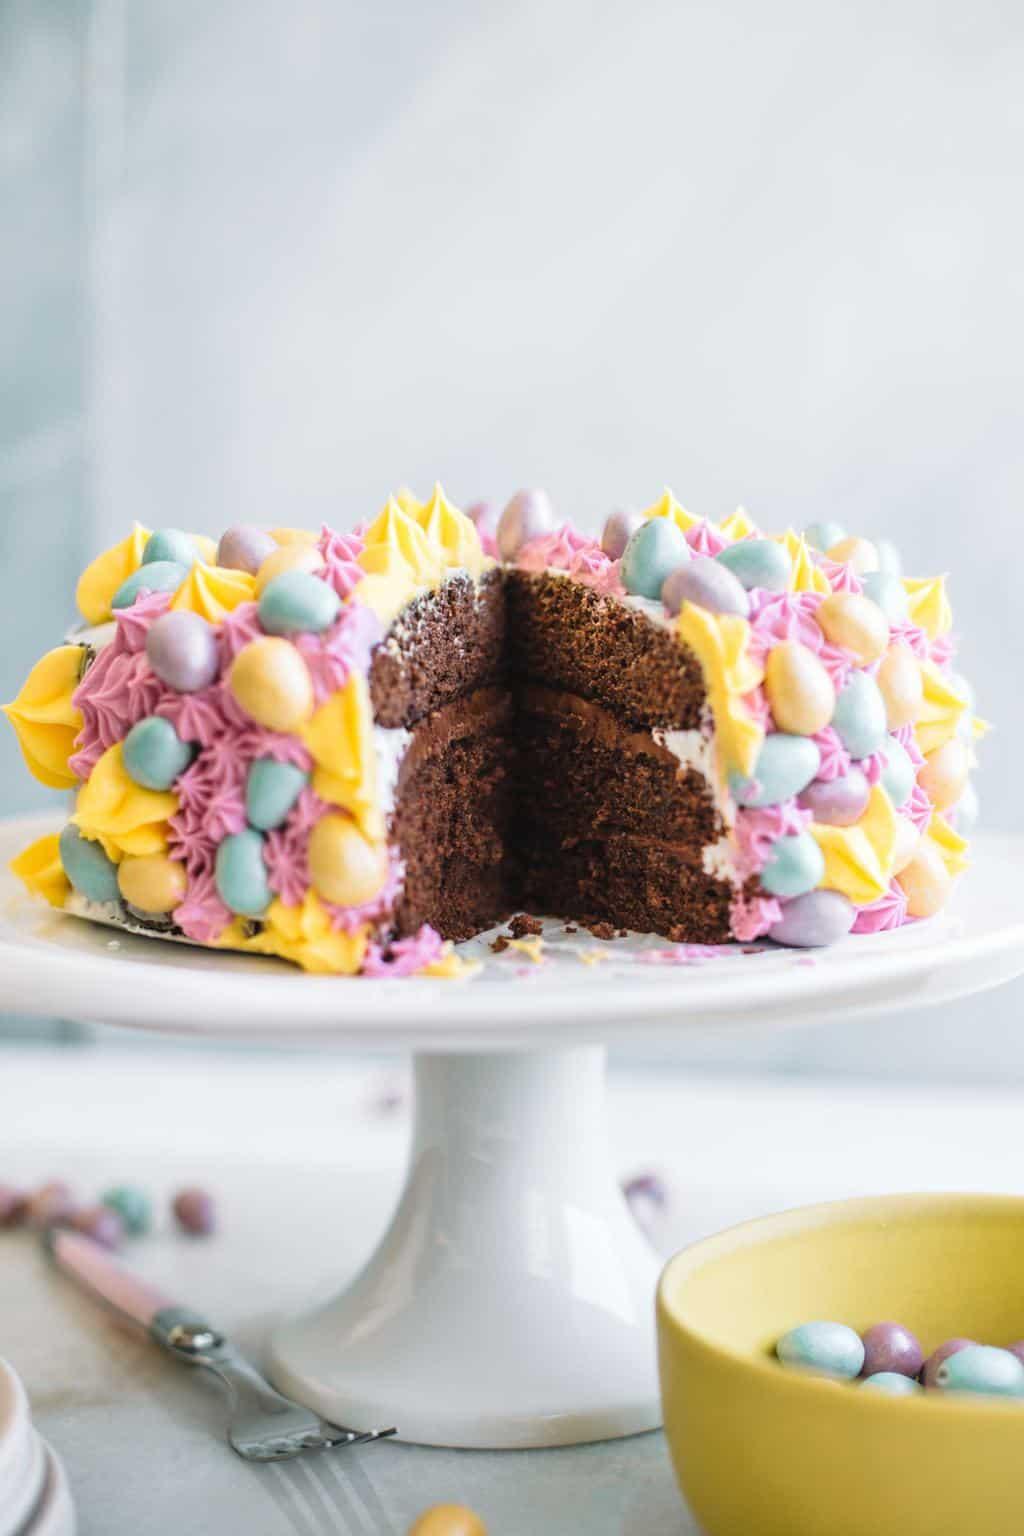 Chocolate Mini Cadbury Egg Cake